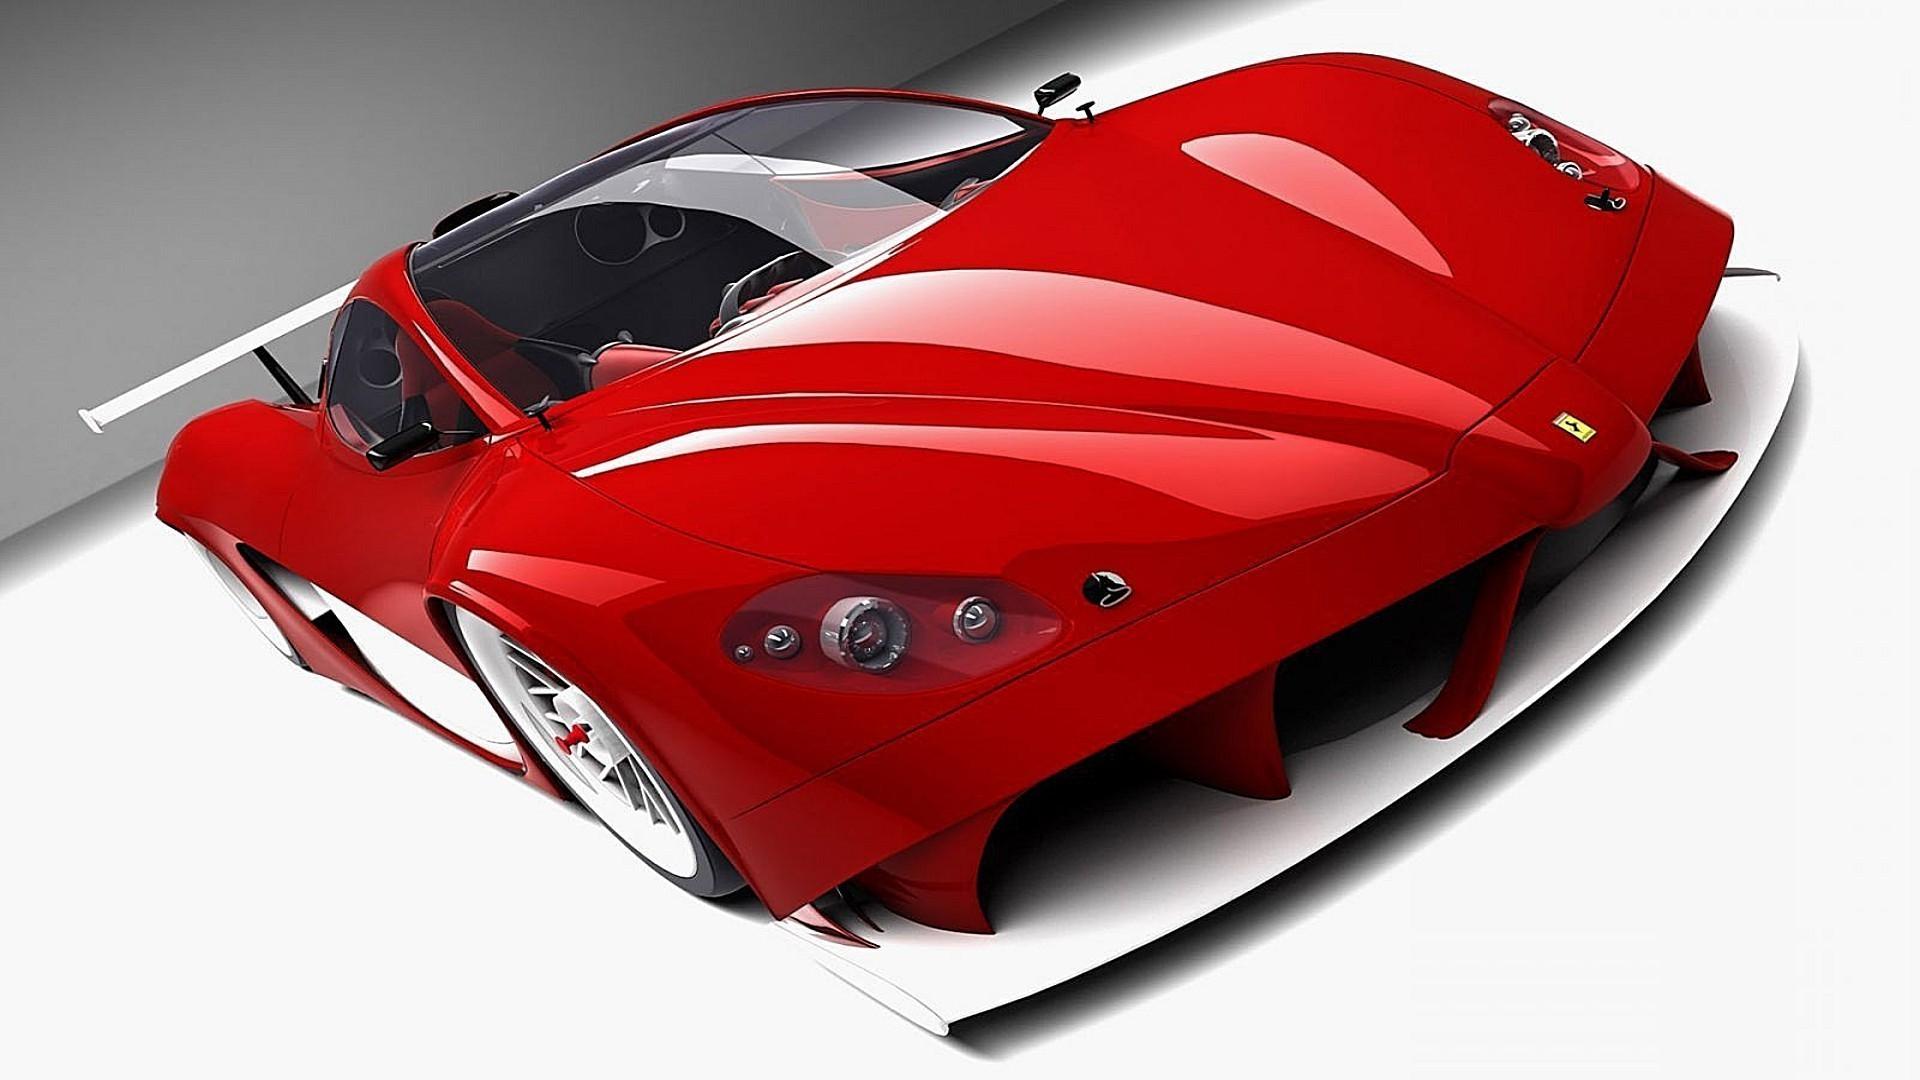 красный автомобиль спортивный ferrari red car sports онлайн